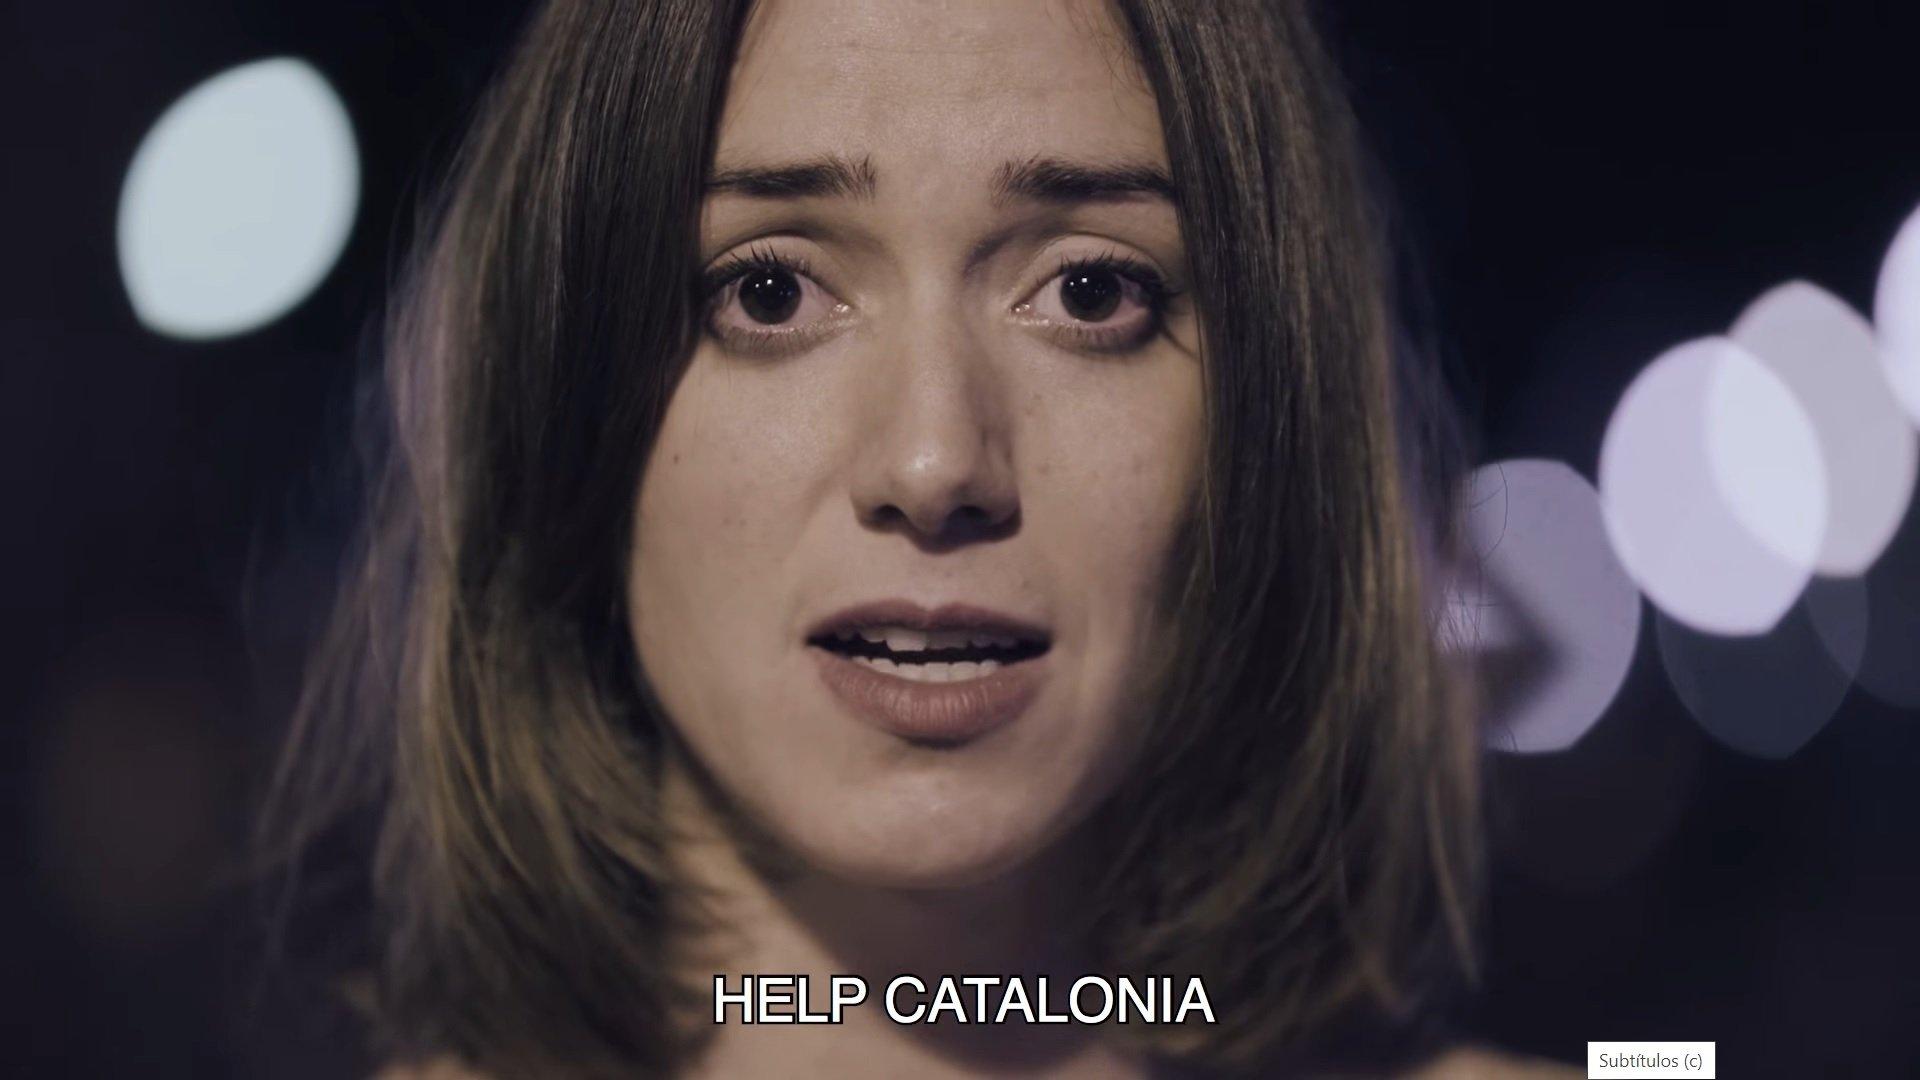 Batabat hizo el video 'Help Catalonia' para Òmnium Cultural